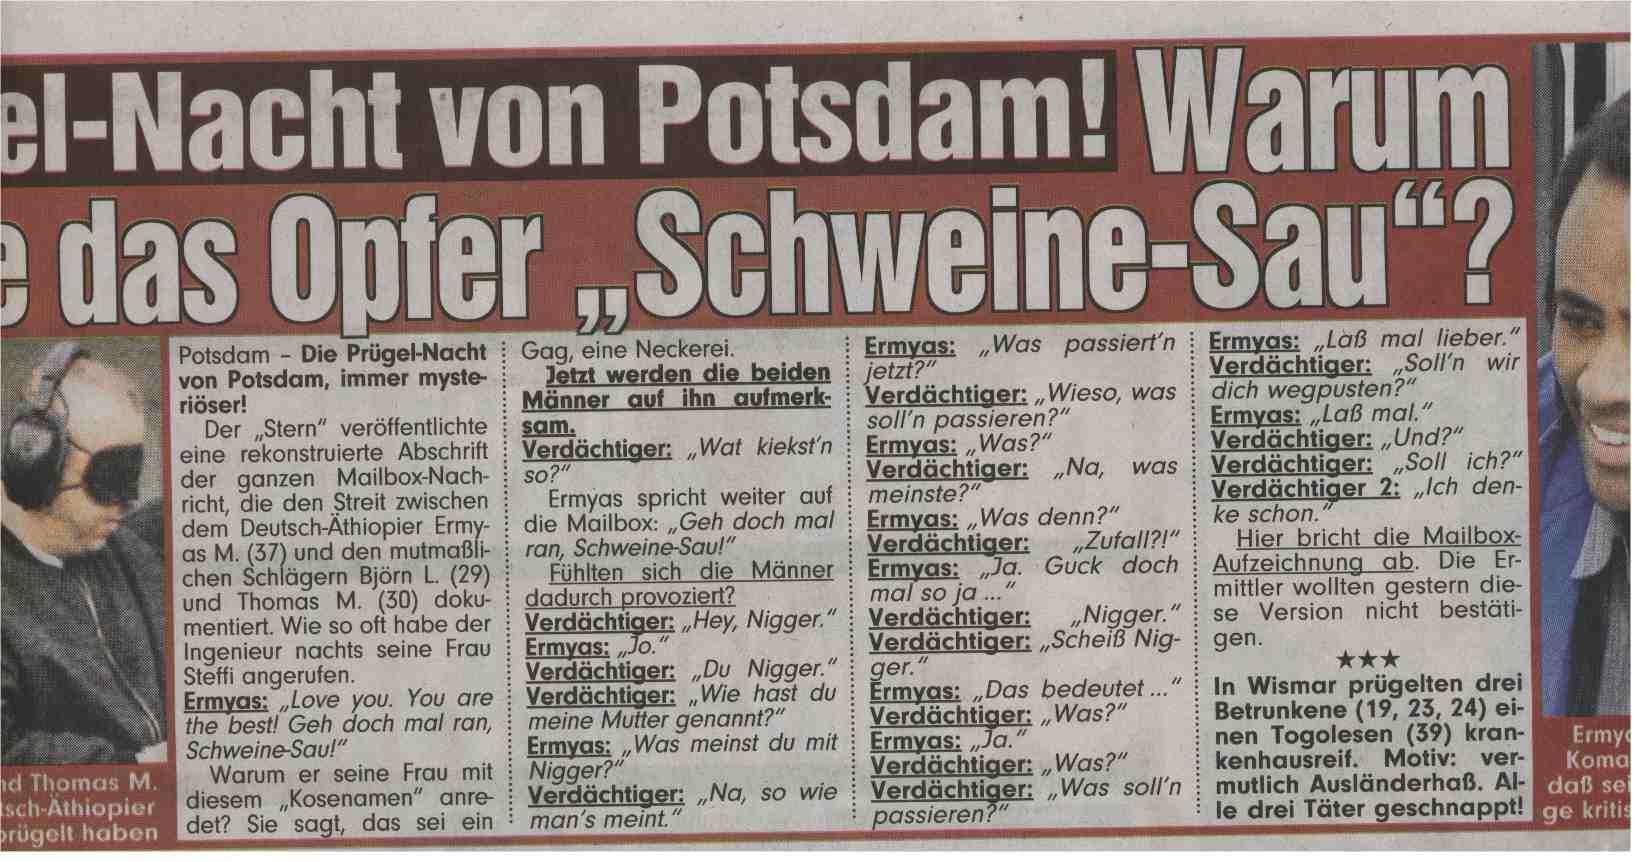 Potsdam frauen kennenlernen